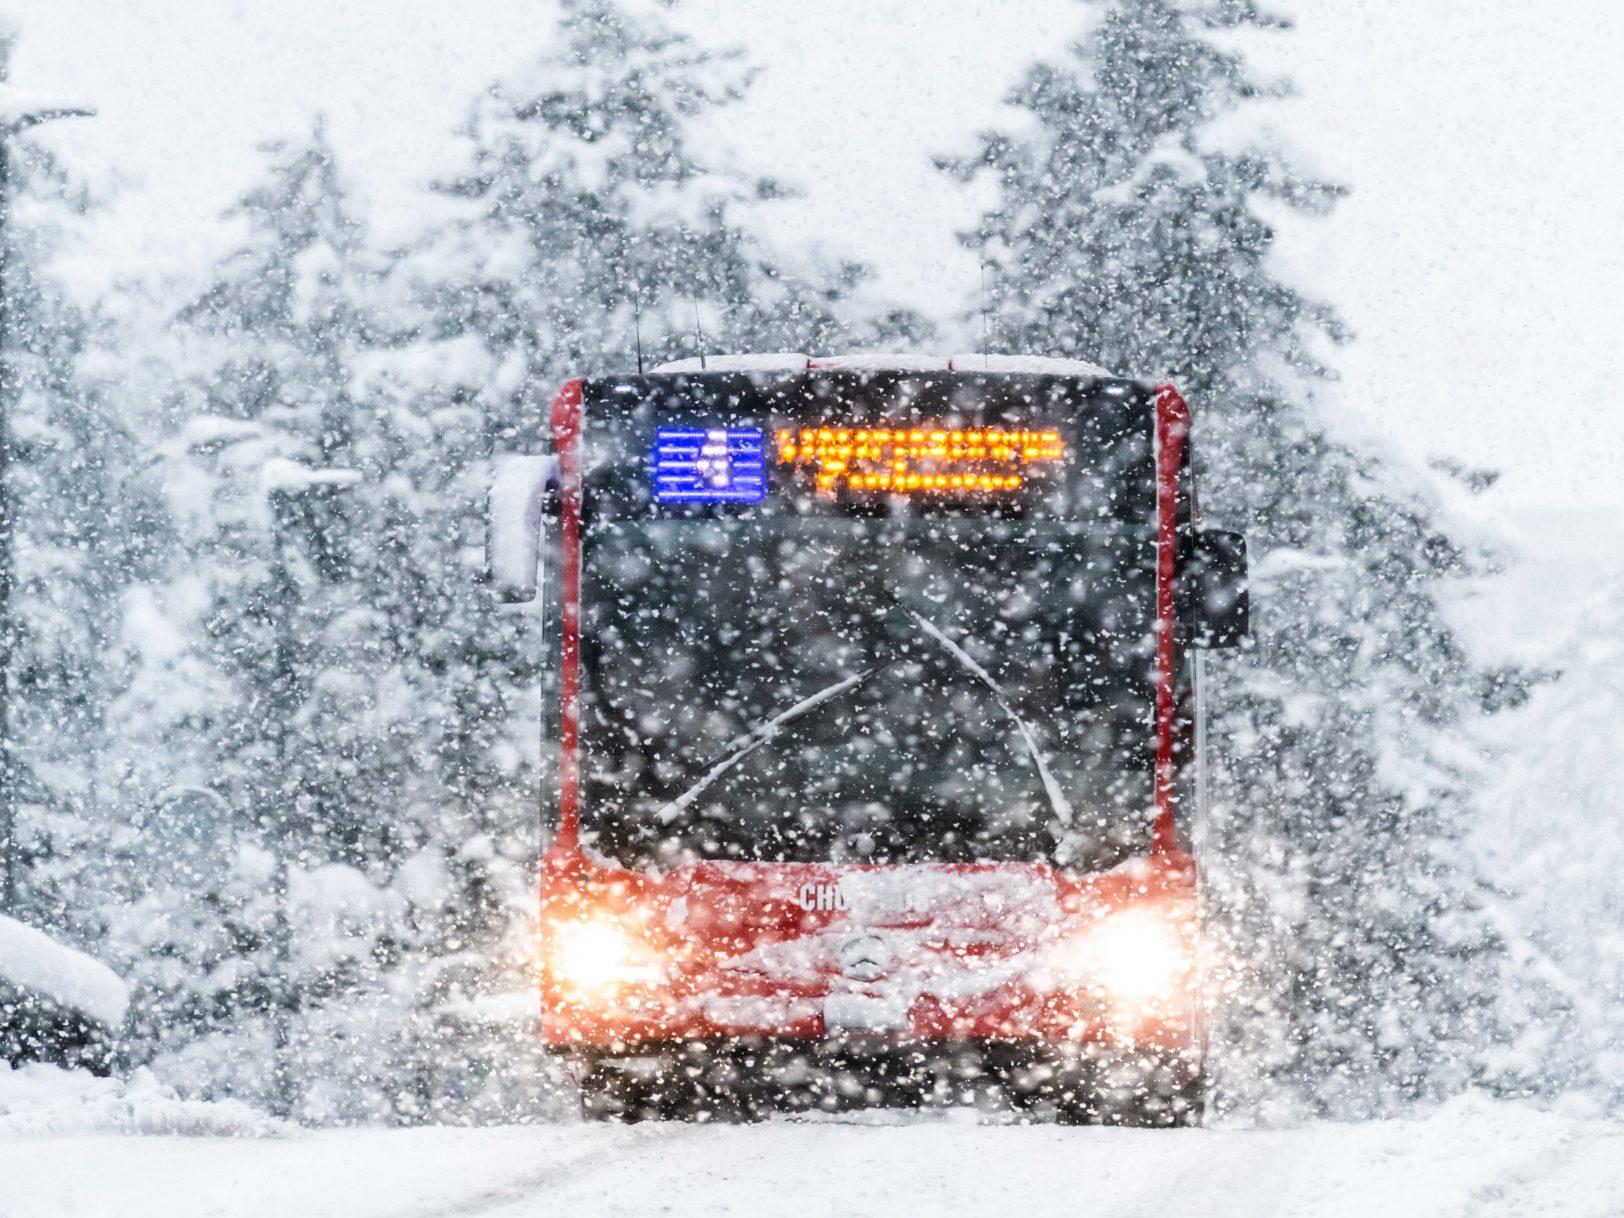 Chur Bus im Schneetreiben